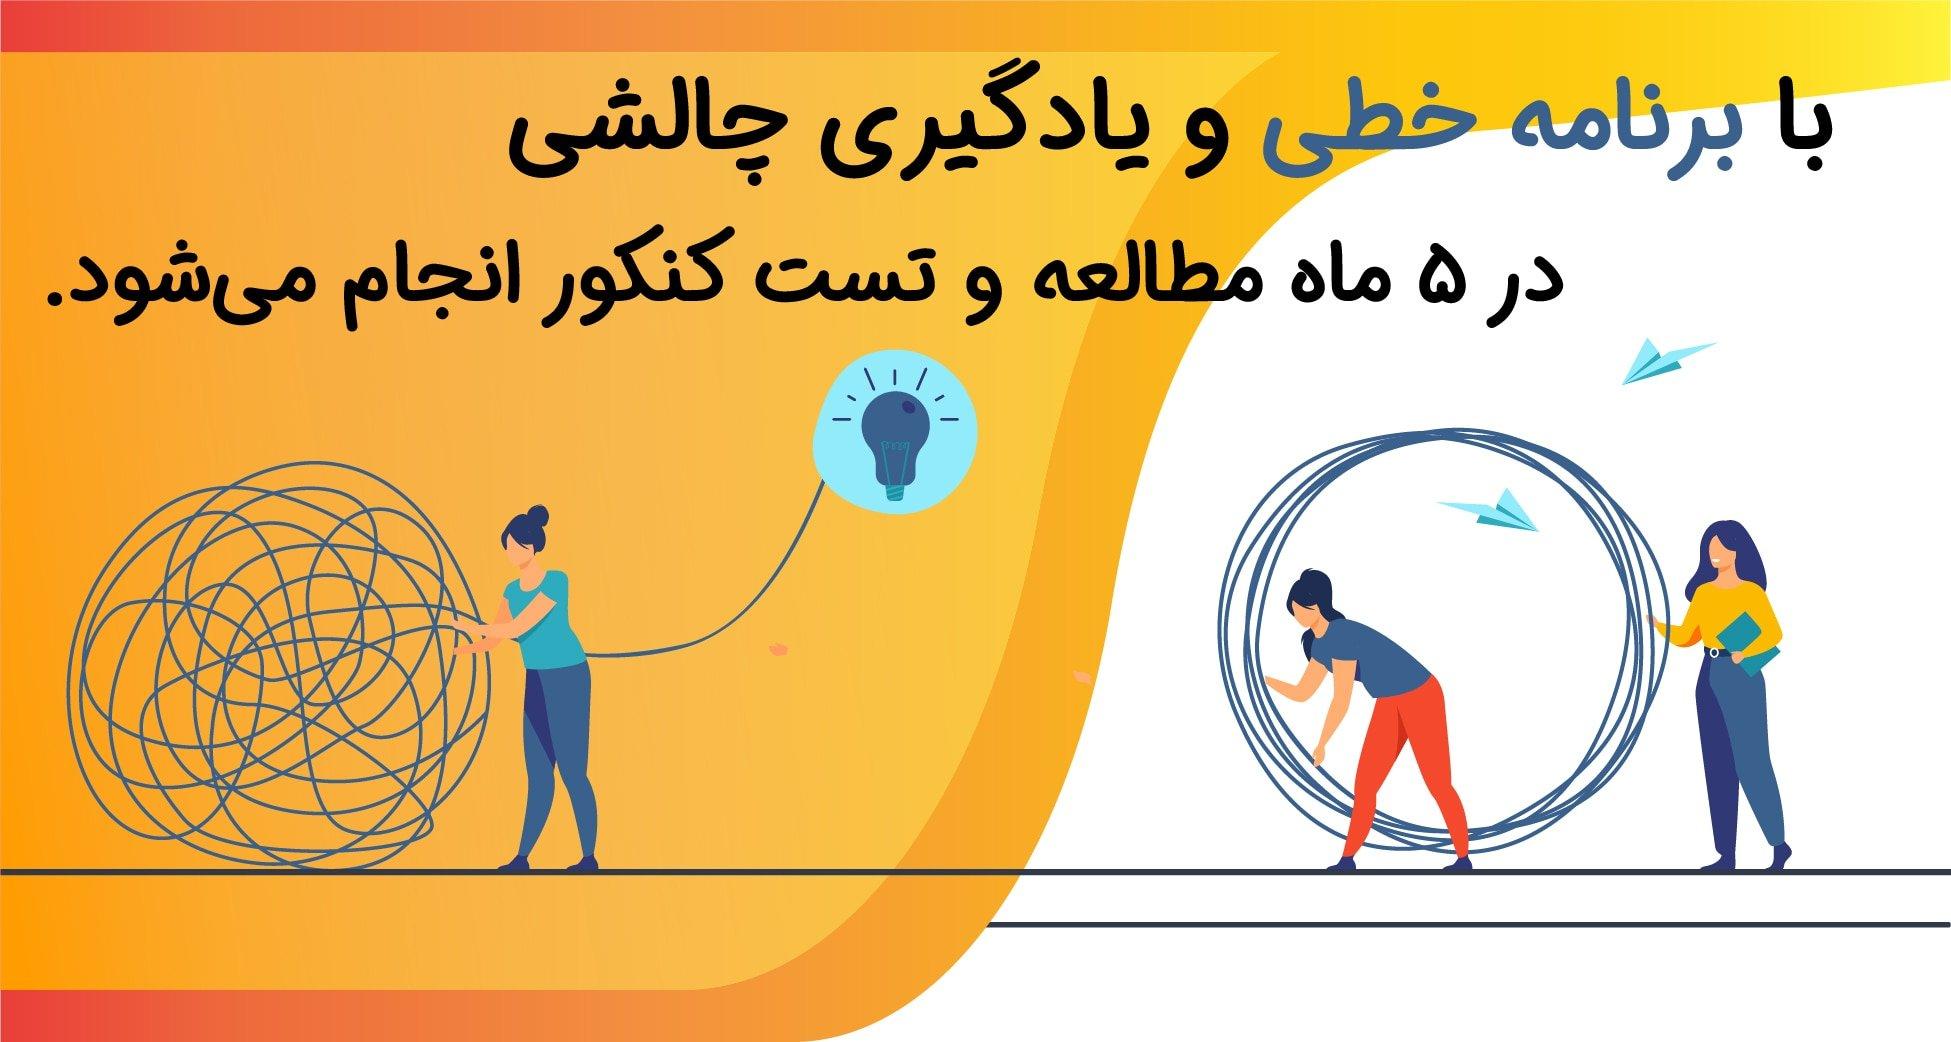 مشاوره کنکور تلفنی